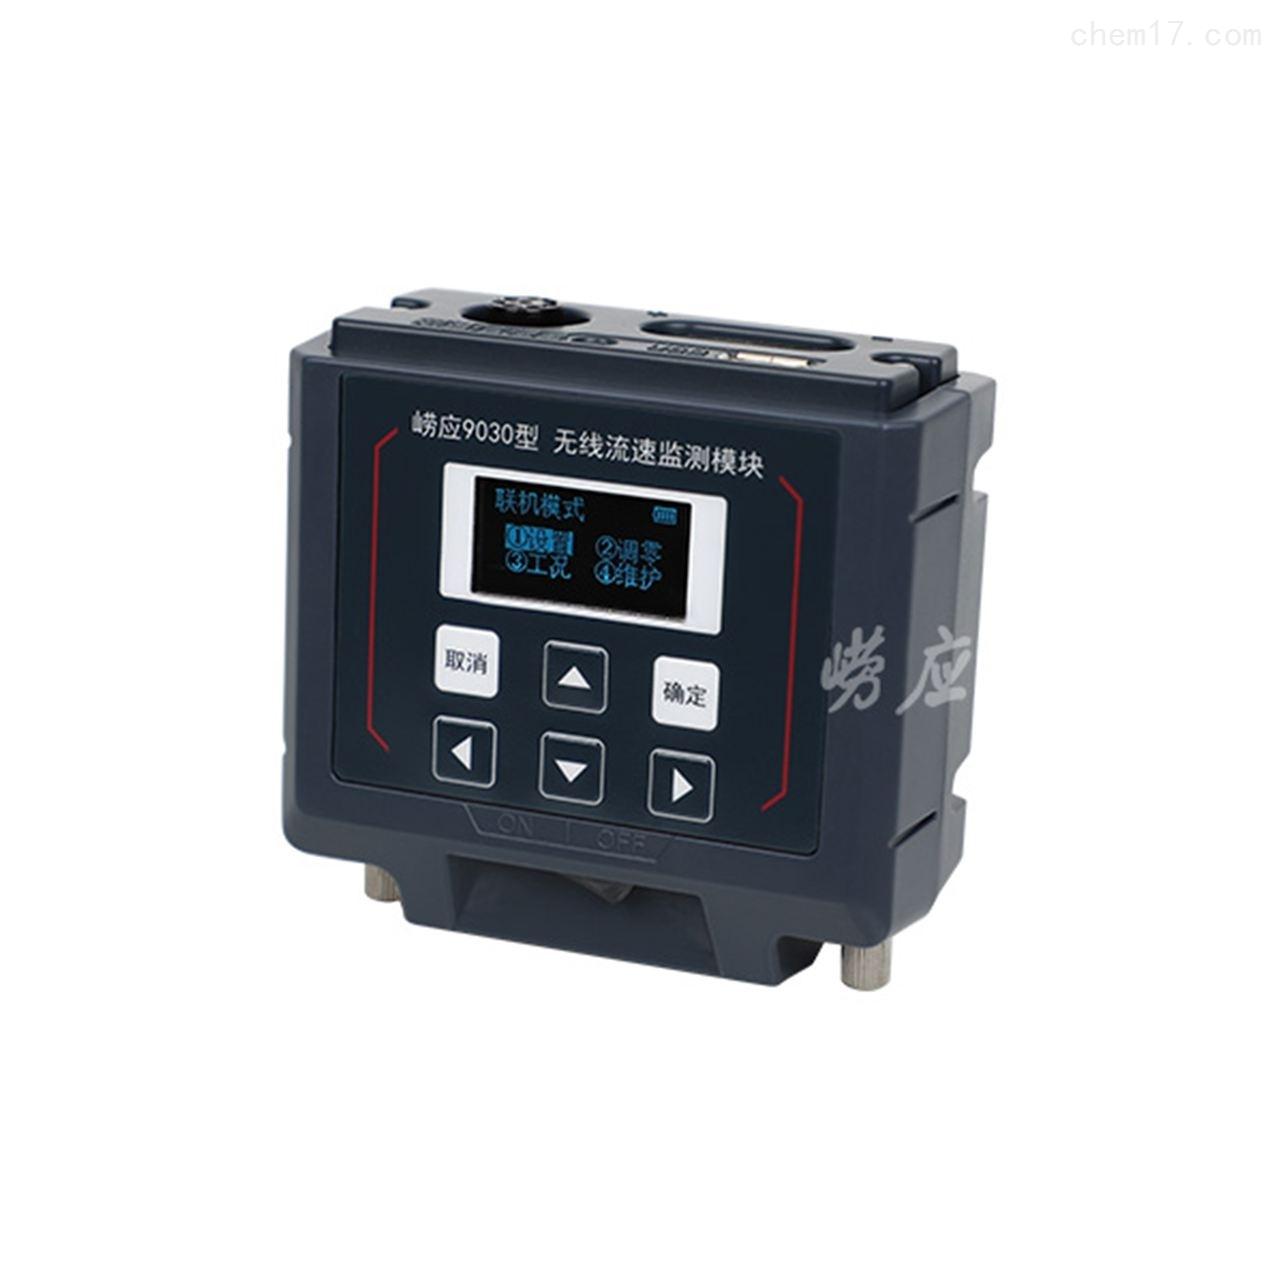 崂应9030型 无线流速监测模块